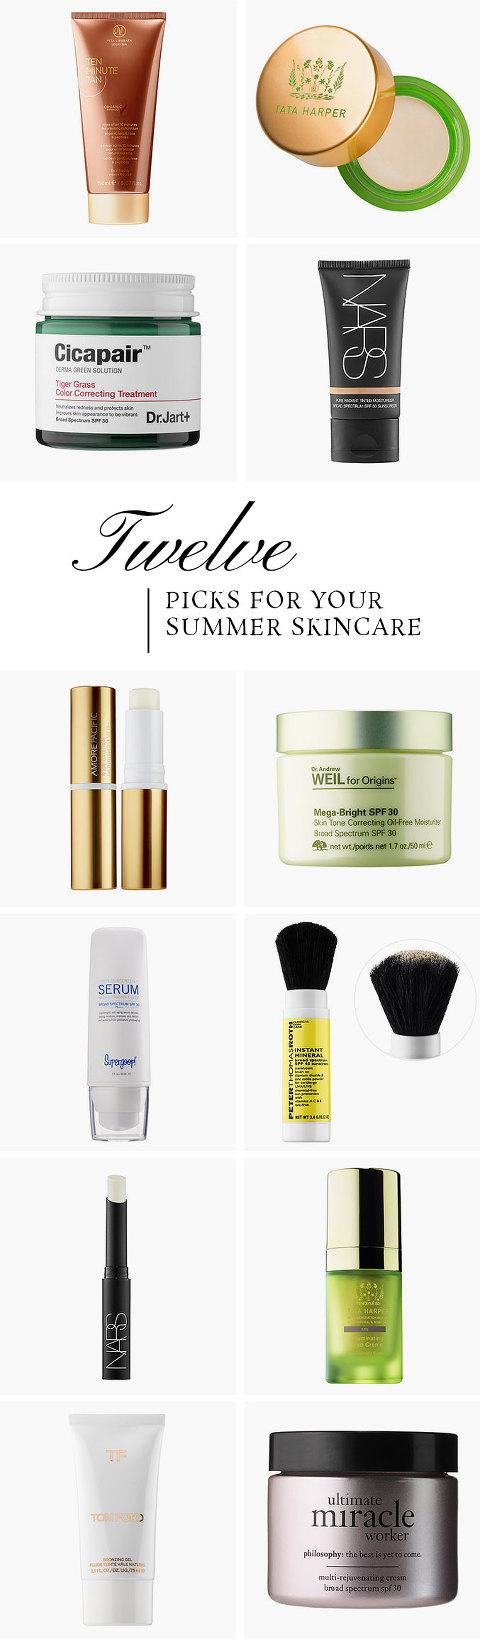 http://www.dreamgreendiy.com/wp-content/uploads/2017/05/21-41520-post/Dozen-Summer-Skincare(pp_w480_h1639).jpg